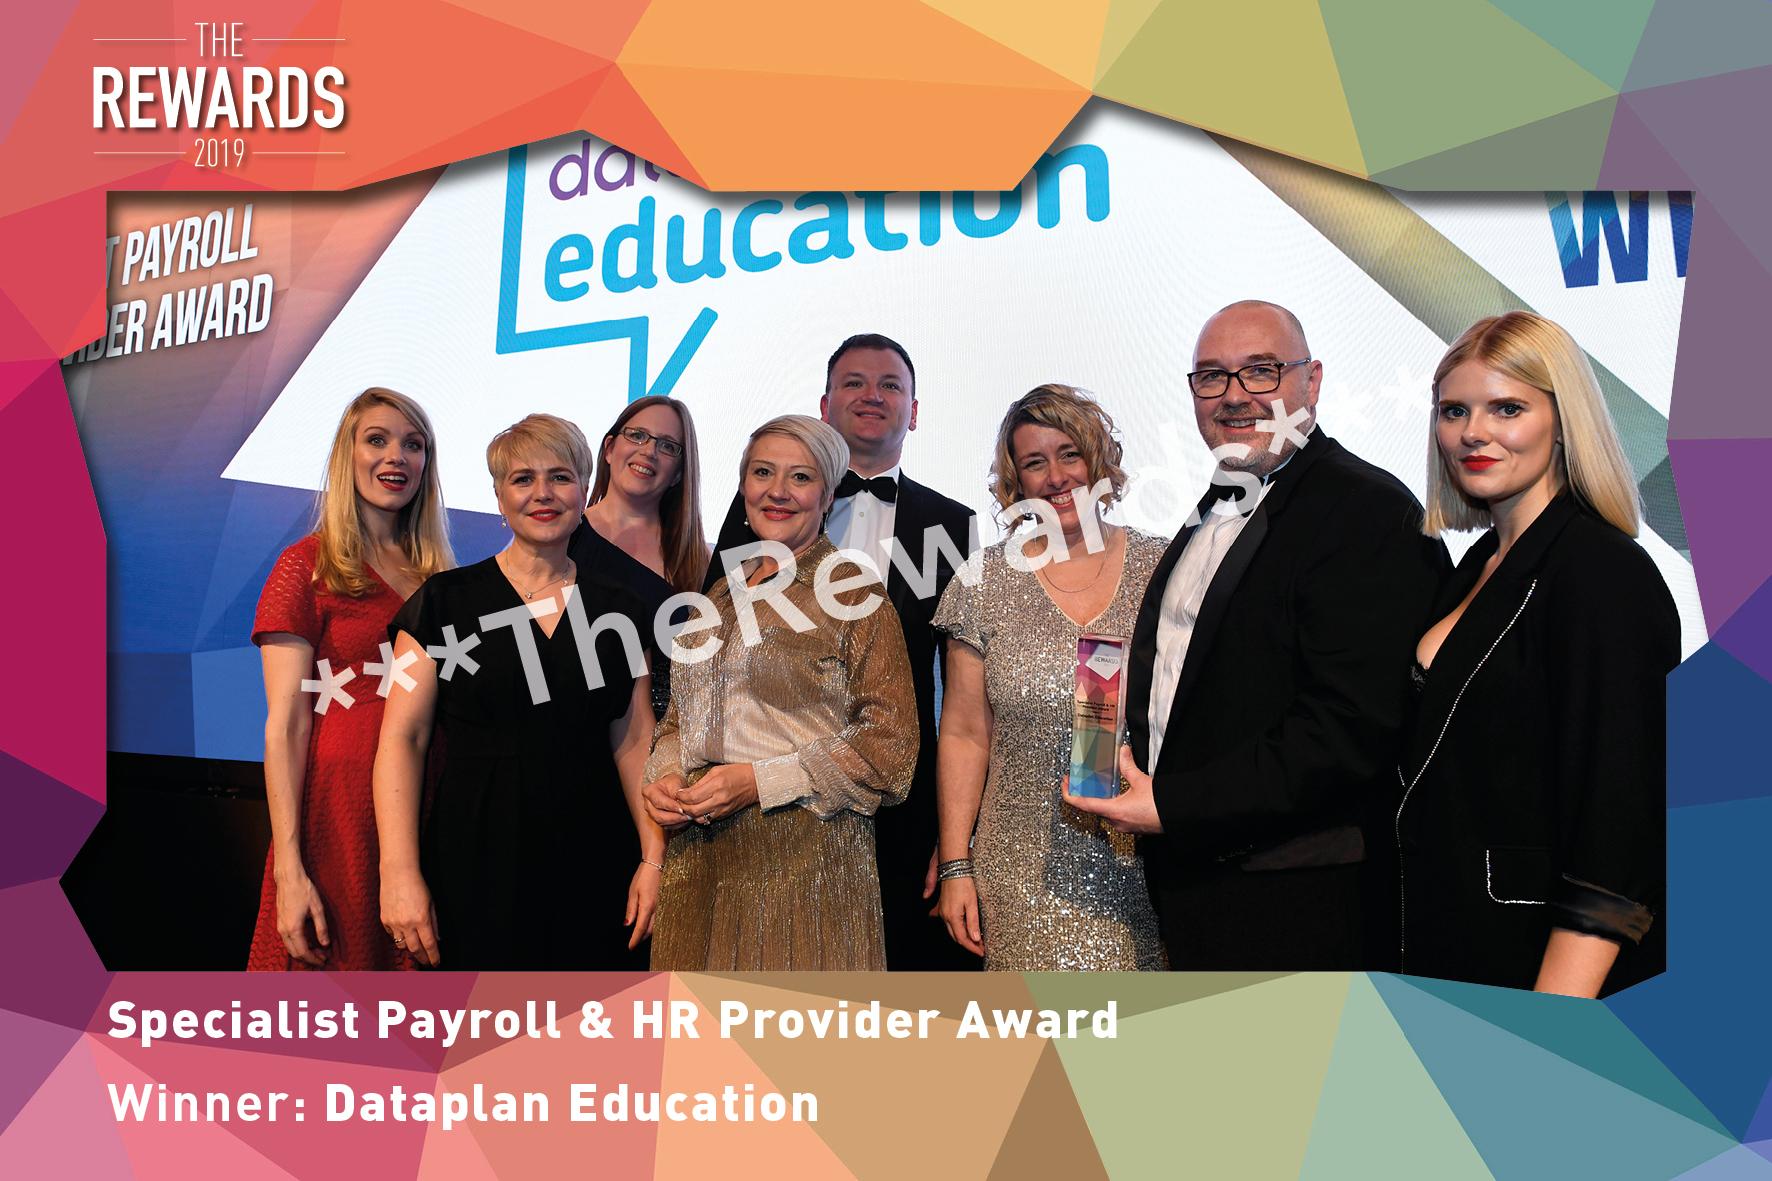 Specialist Payroll & HR Provider Award